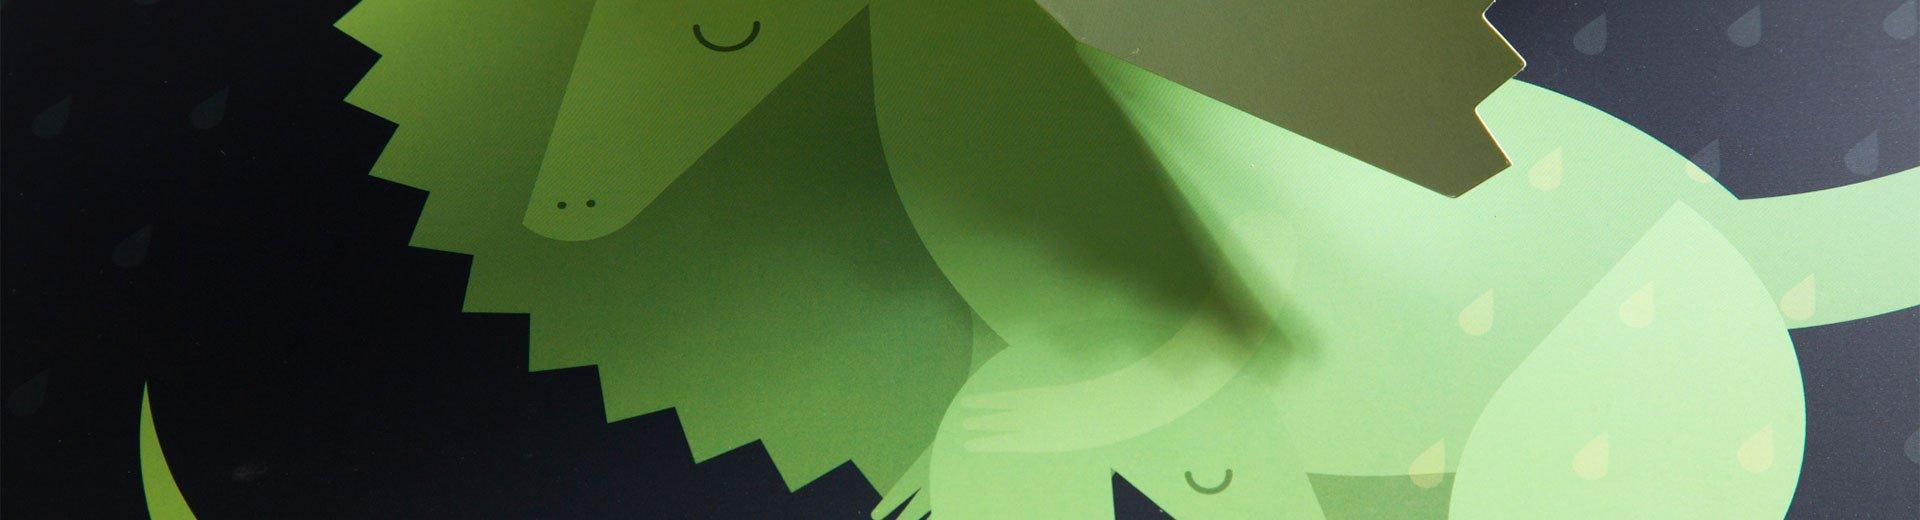 Okładka artykułu TOFU Studio z Gdańska ze Pierwszym Miejscem — Na 9th International Design Awards w USA.